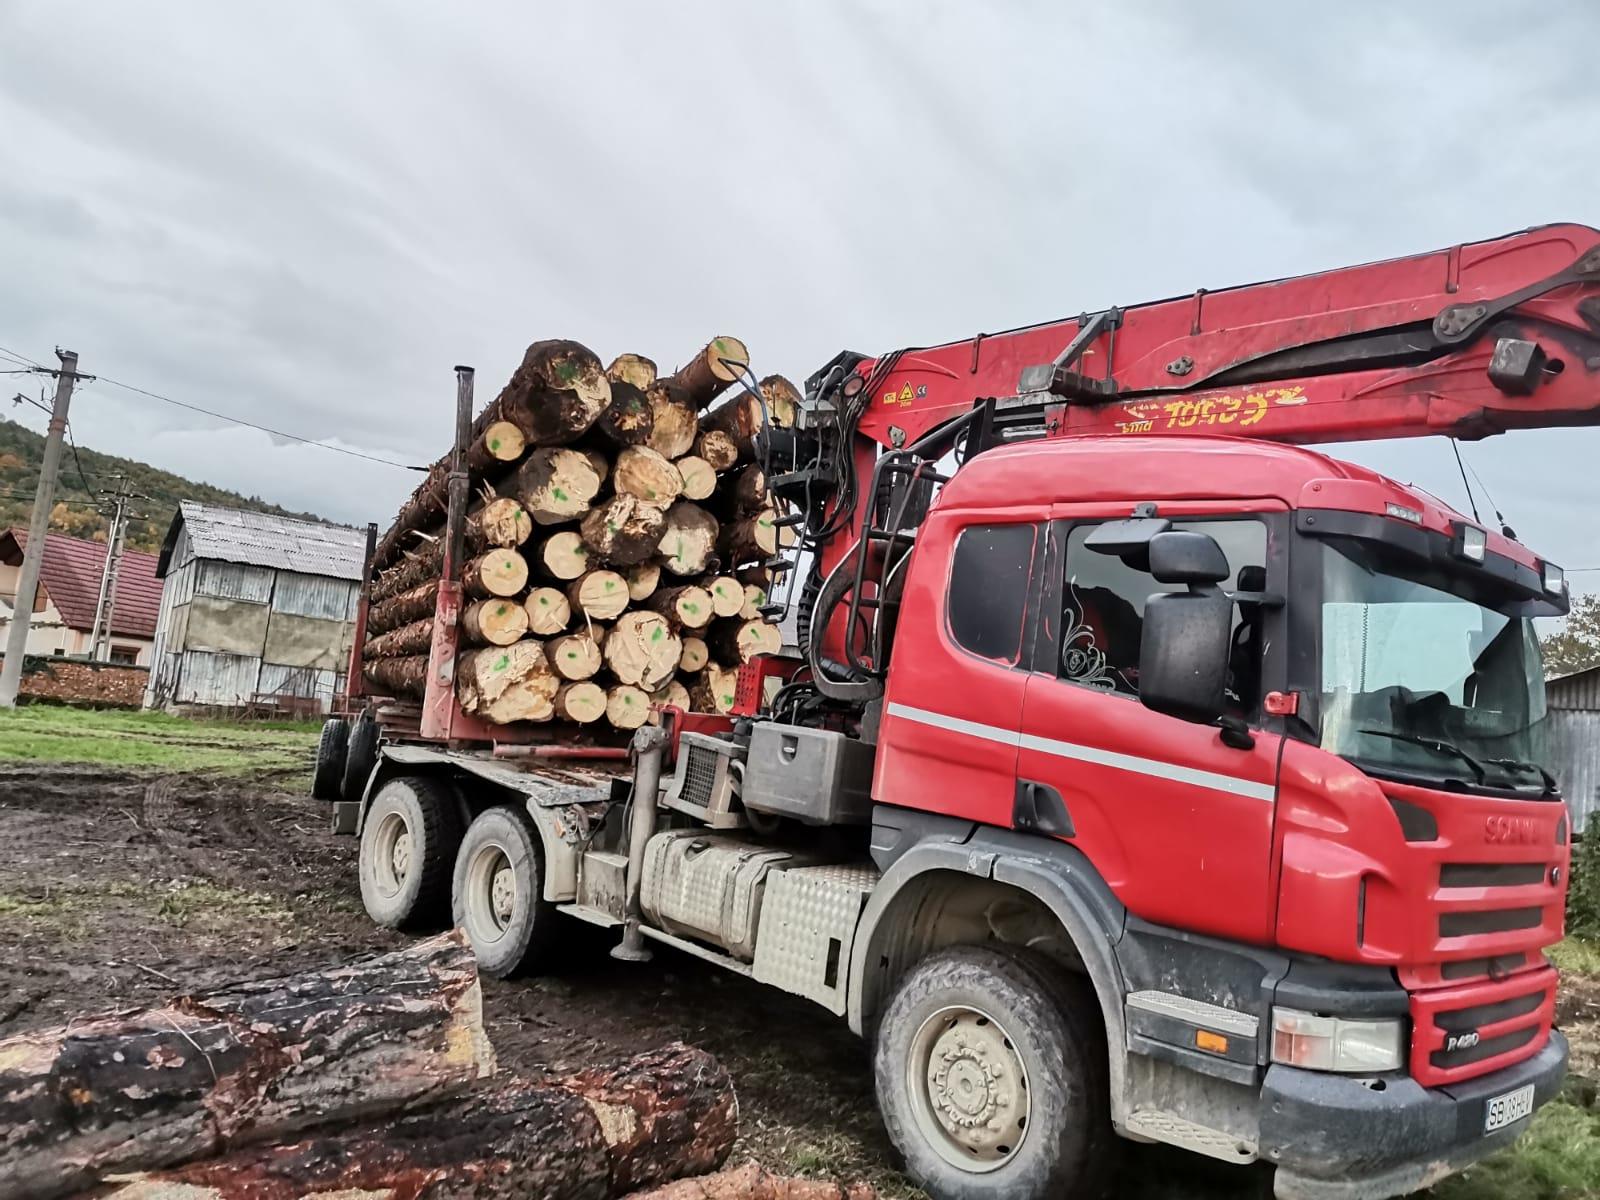 Scutul Pădurii: operator economic amendat cu 6.000 de lei pentru că a tăiat copaci în Gura Râului, fără autorizație